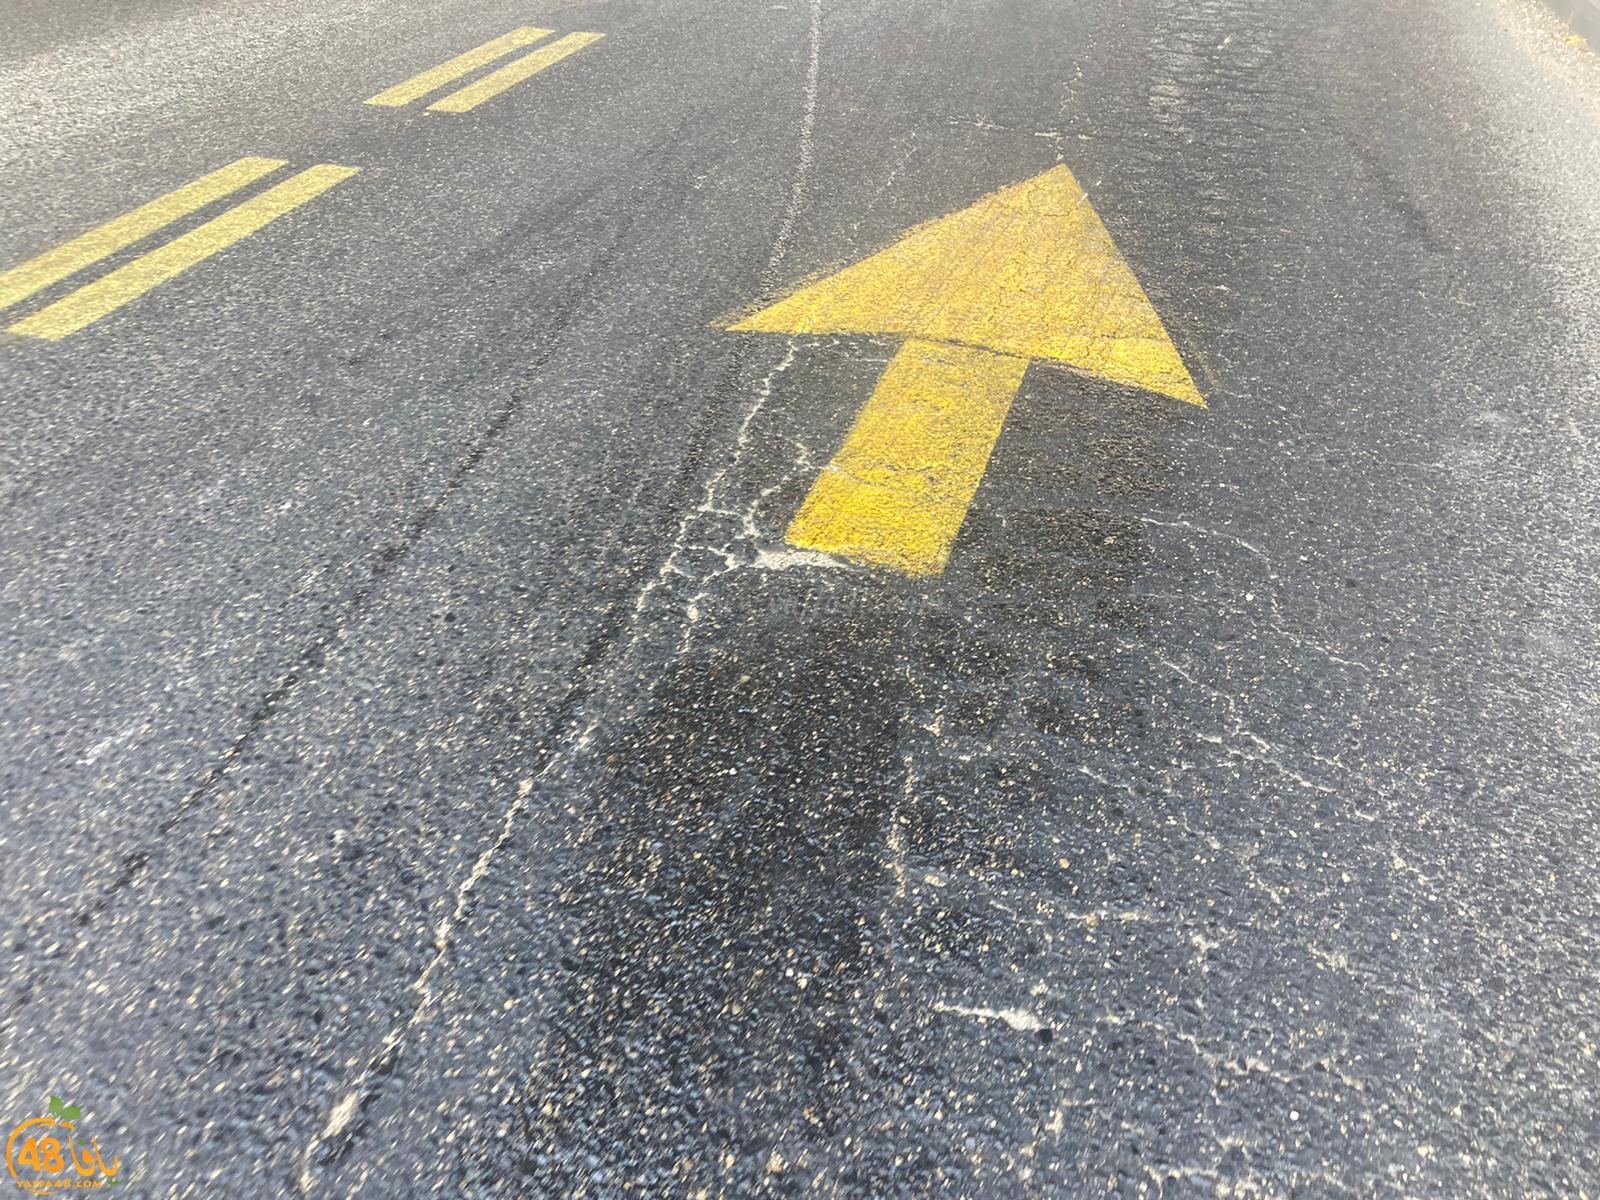 يافا: اصابة متوسطة لراكب دراجة نارية بحادث طرق ذاتي